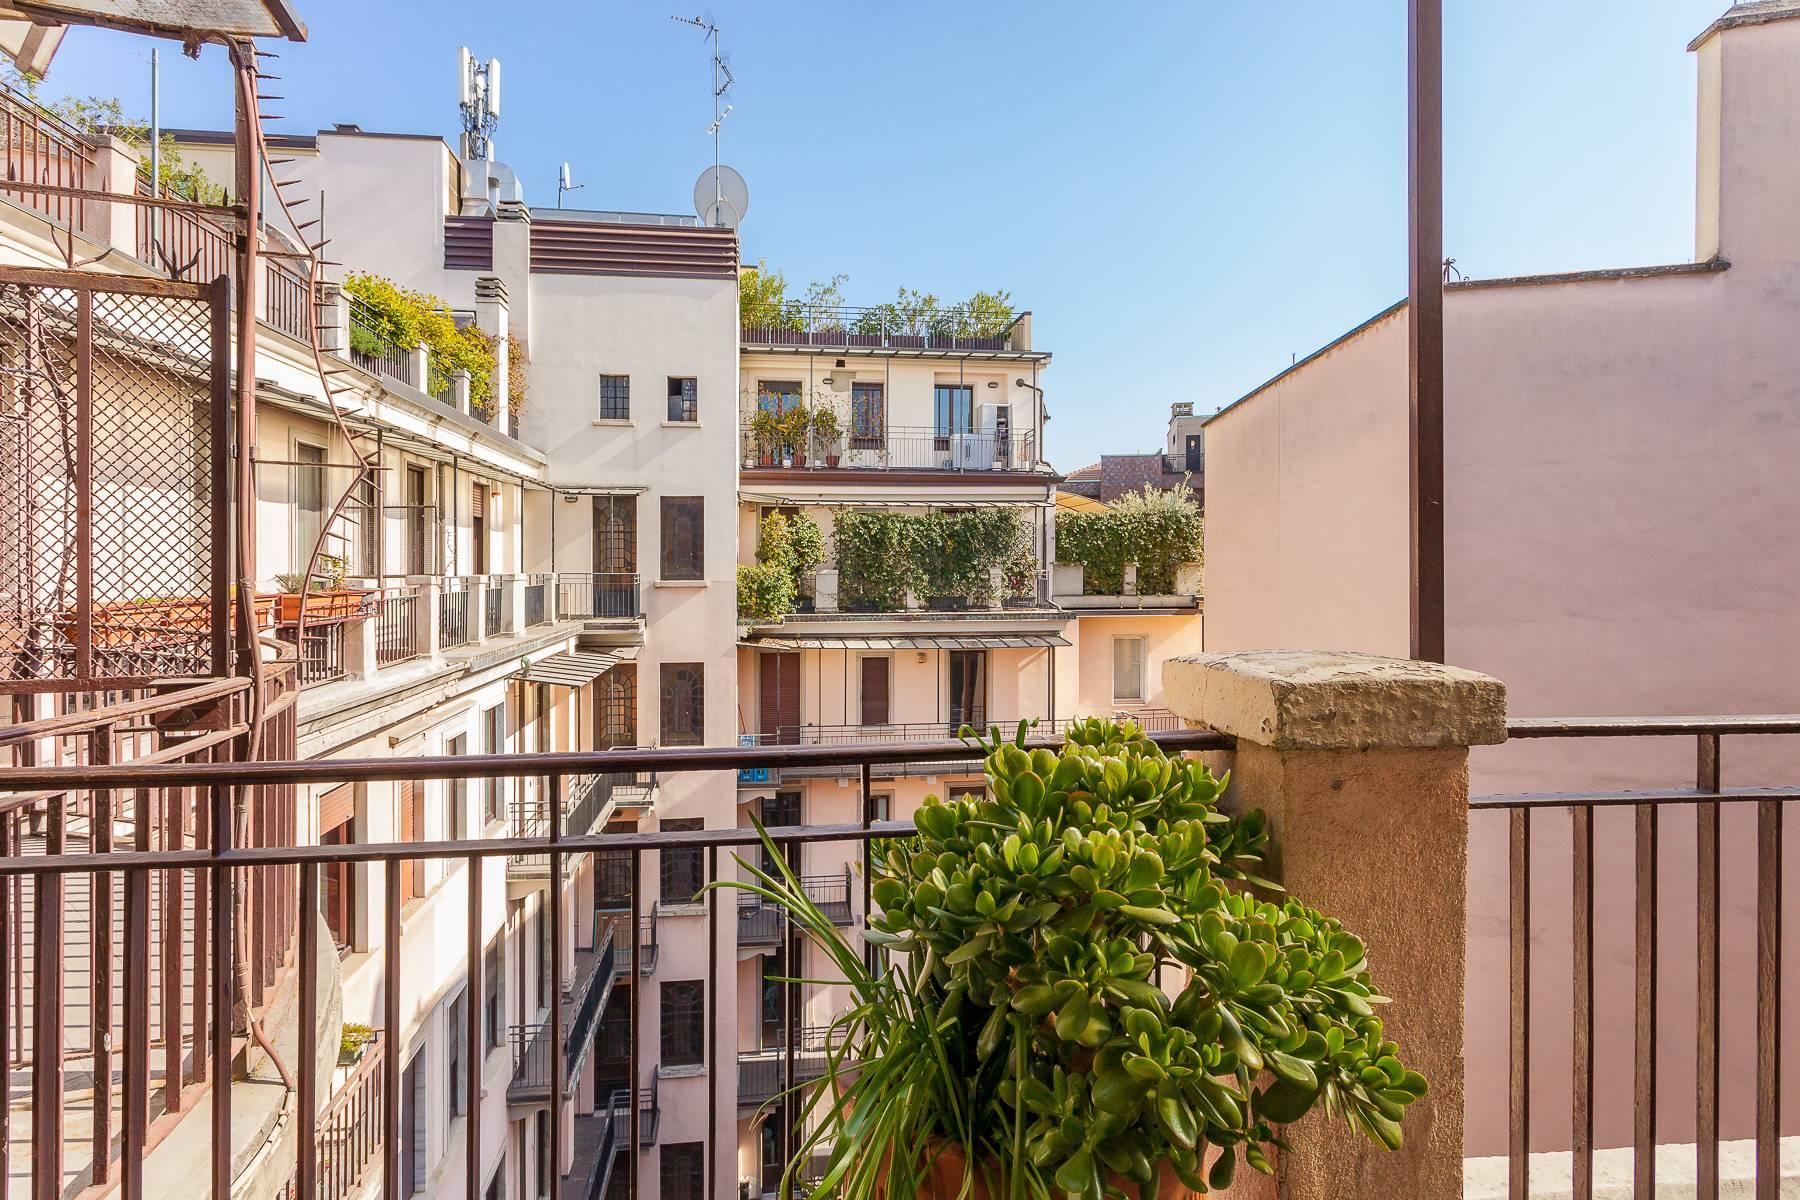 Appartamento esclusivo di 200 mq in nuda proprietà in un palazzo d'epoca - 25